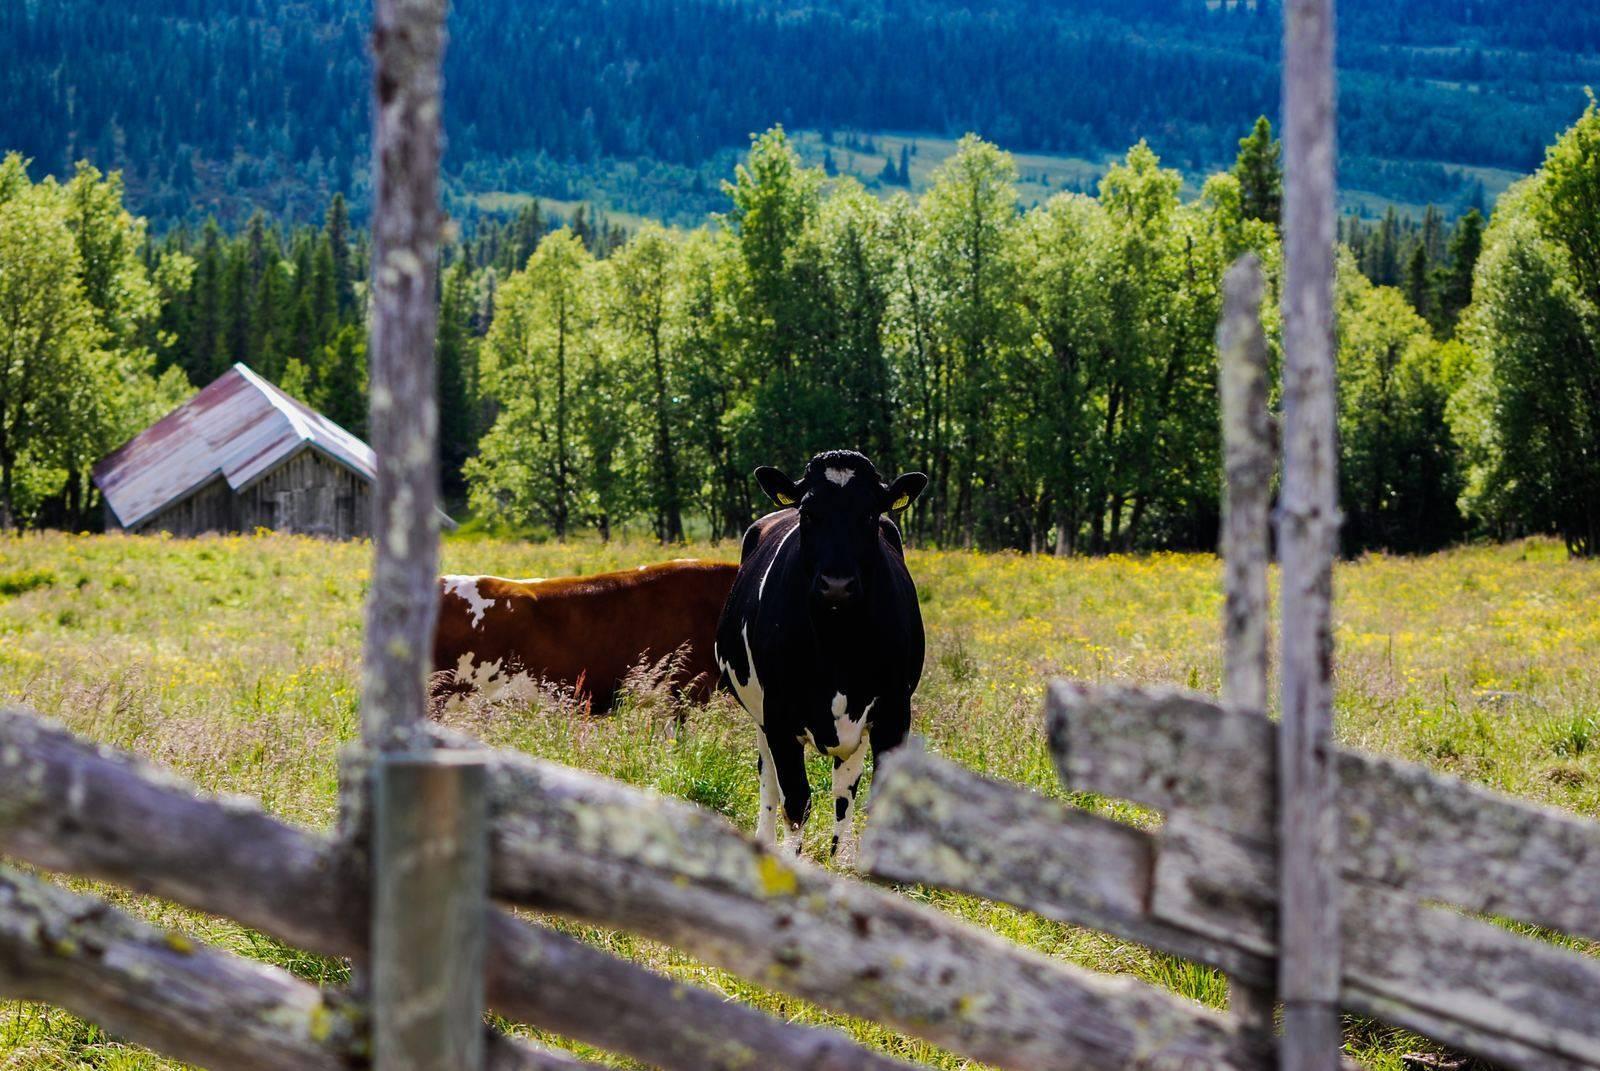 Эксперты сельхозпереписи посчитали, сколько в россии коров